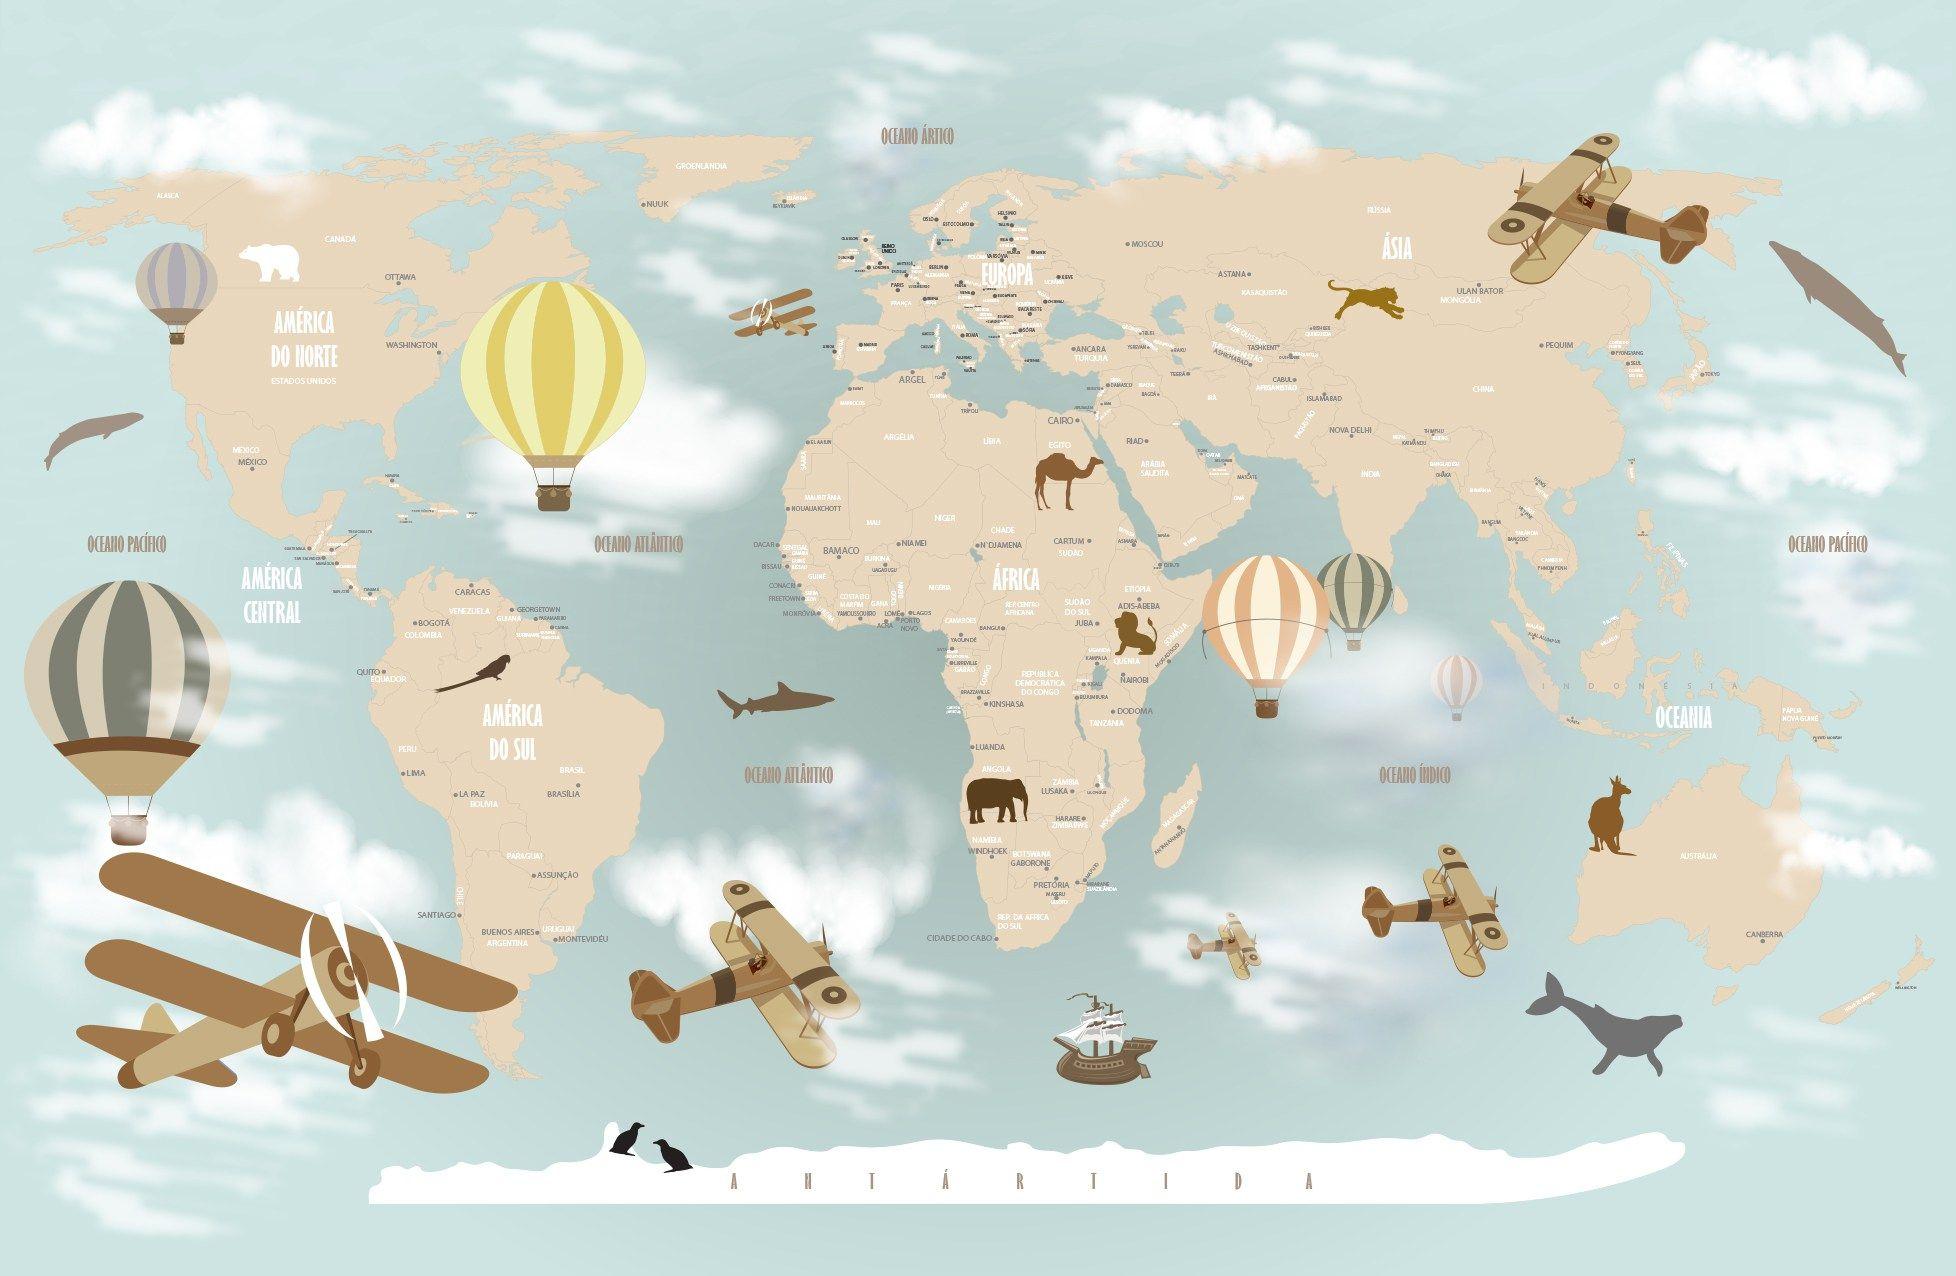 Papel De Parede Mapa Mundi Infantil Super Wings Pinterest  ~ Papel De Parede Mapa Mundi Quarto